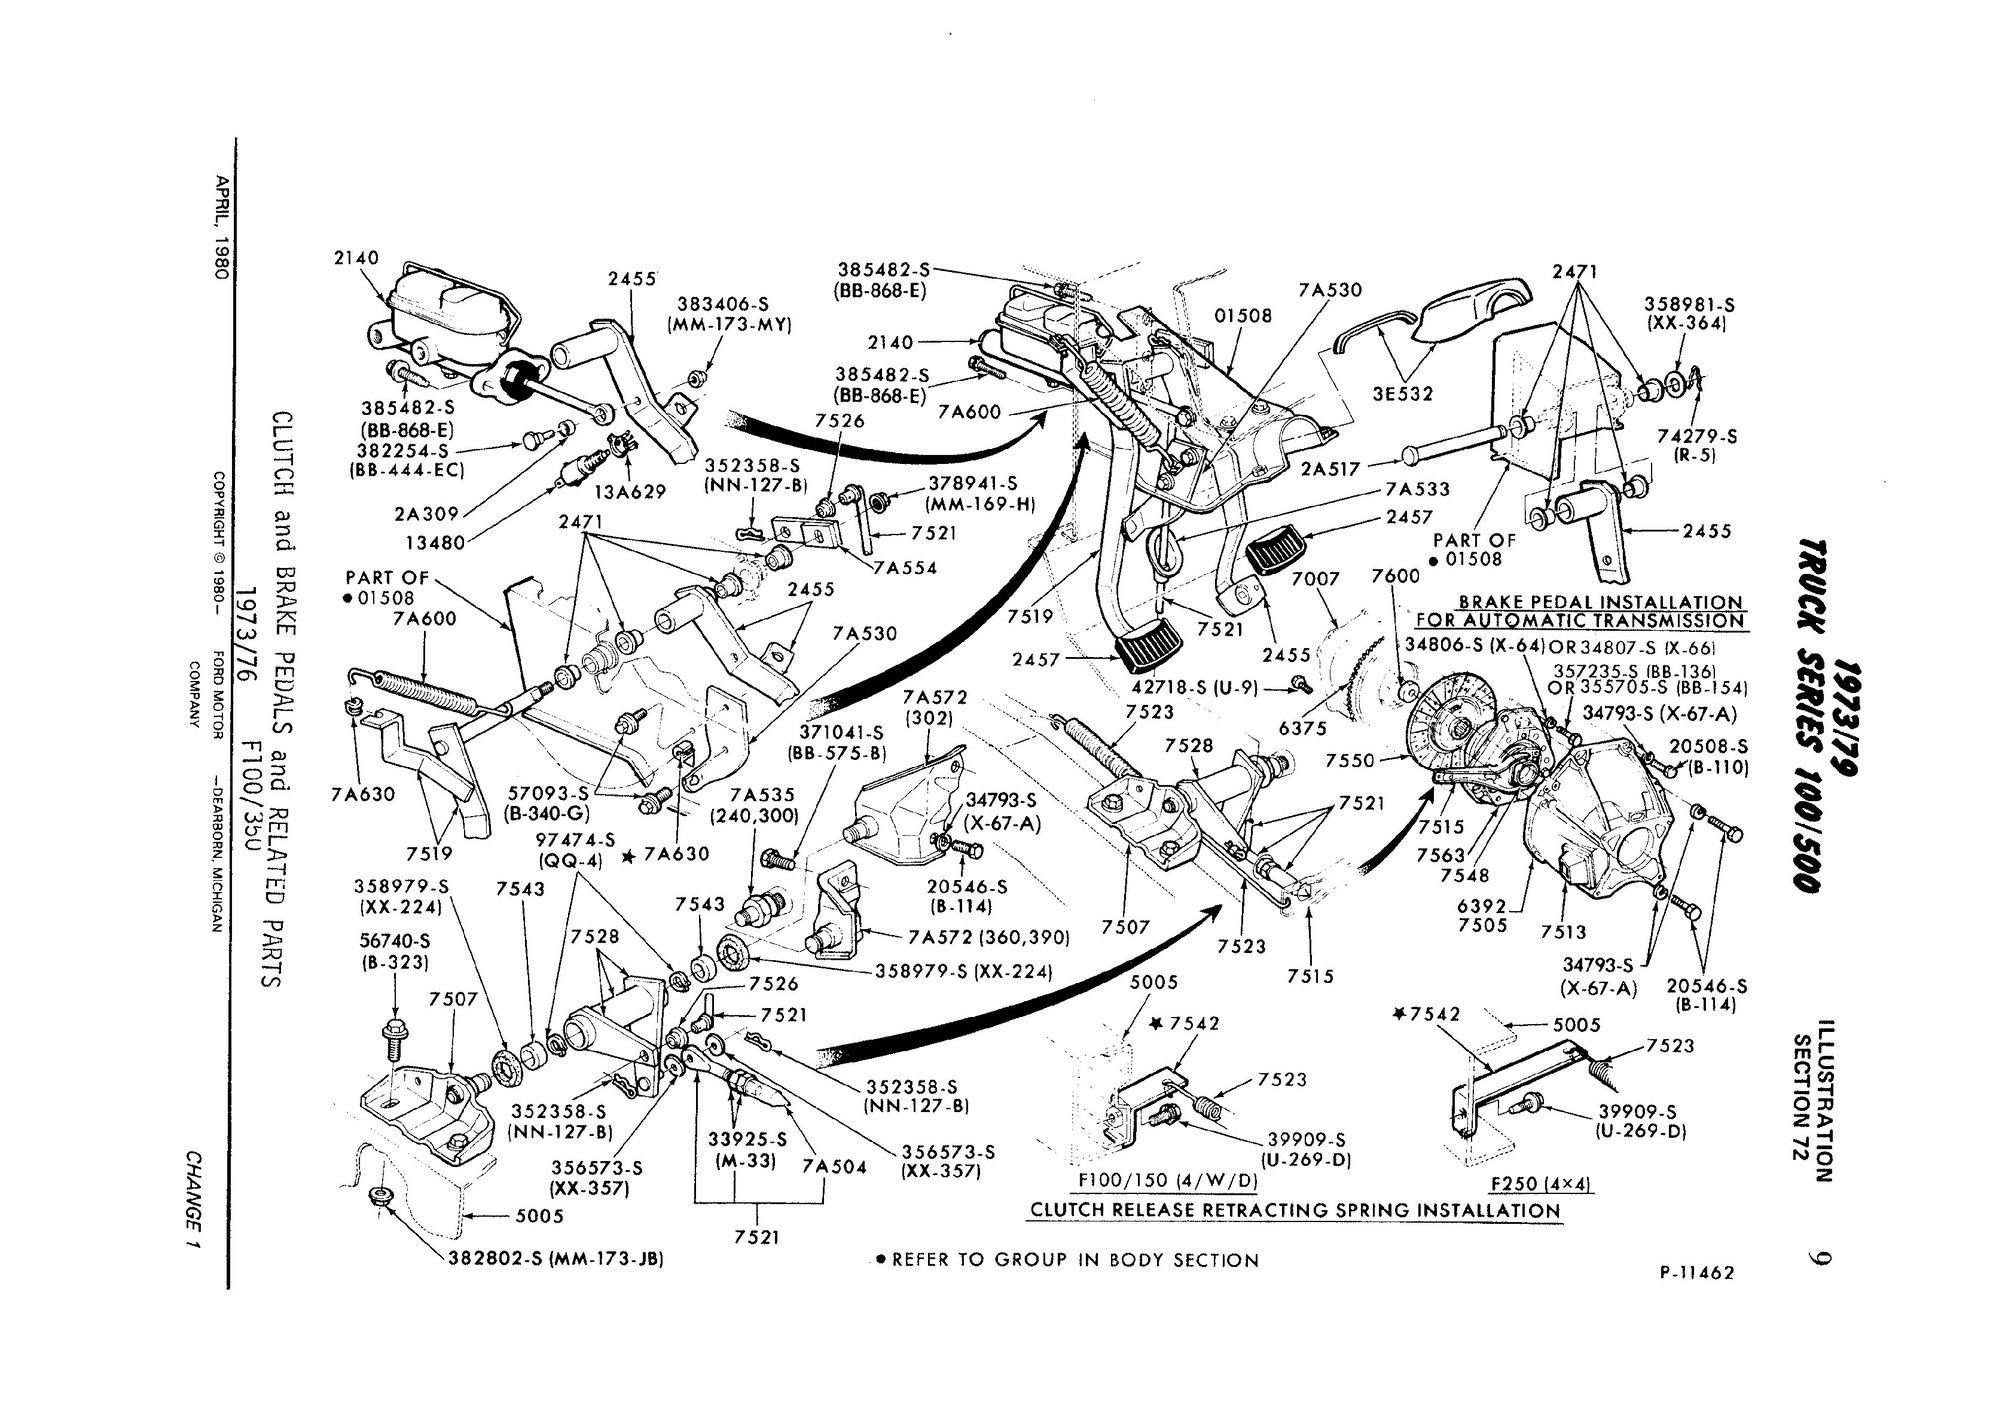 1990 Ford F350 Brake Diagram Manual Guide